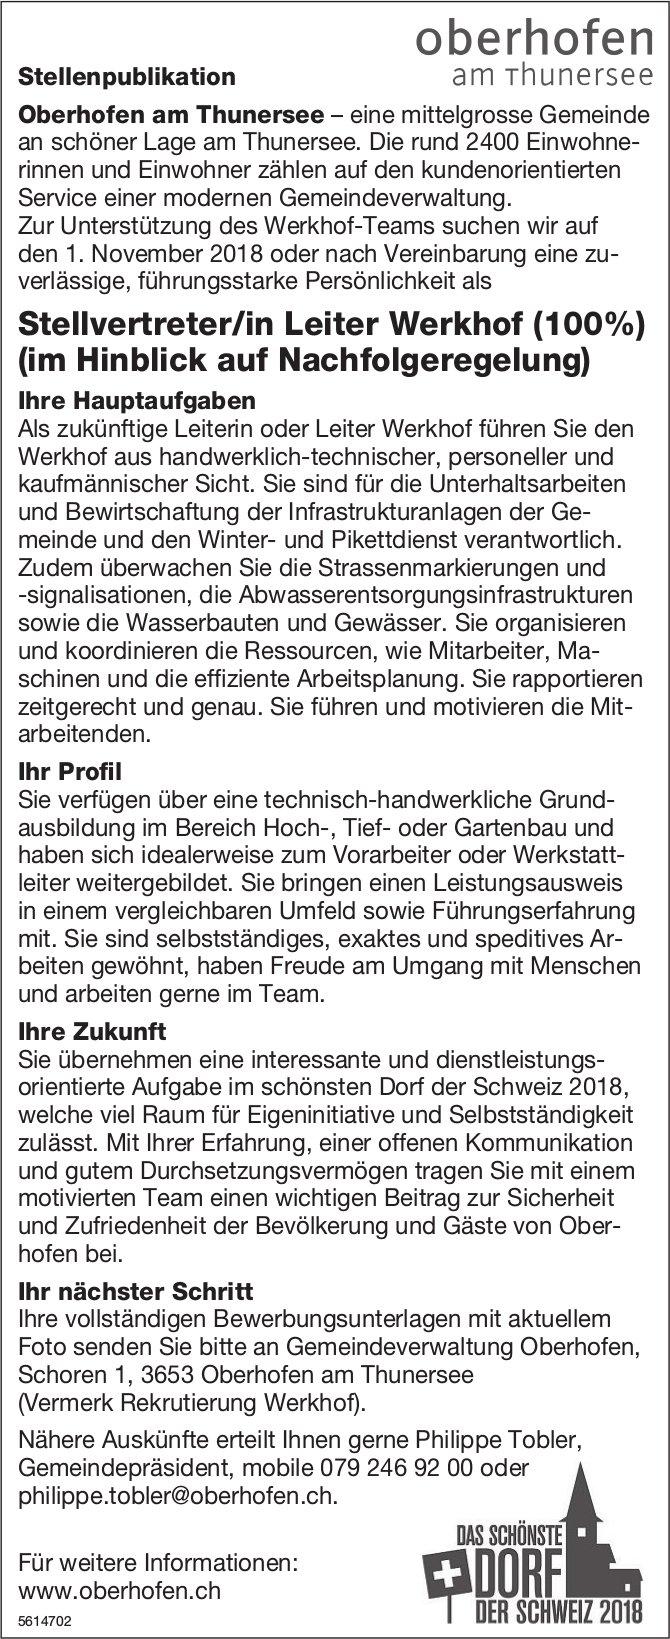 Stellvertreter/in Leiter Werkhof (100%) bei Gemeinde Oberhofen am Thunersee gesucht